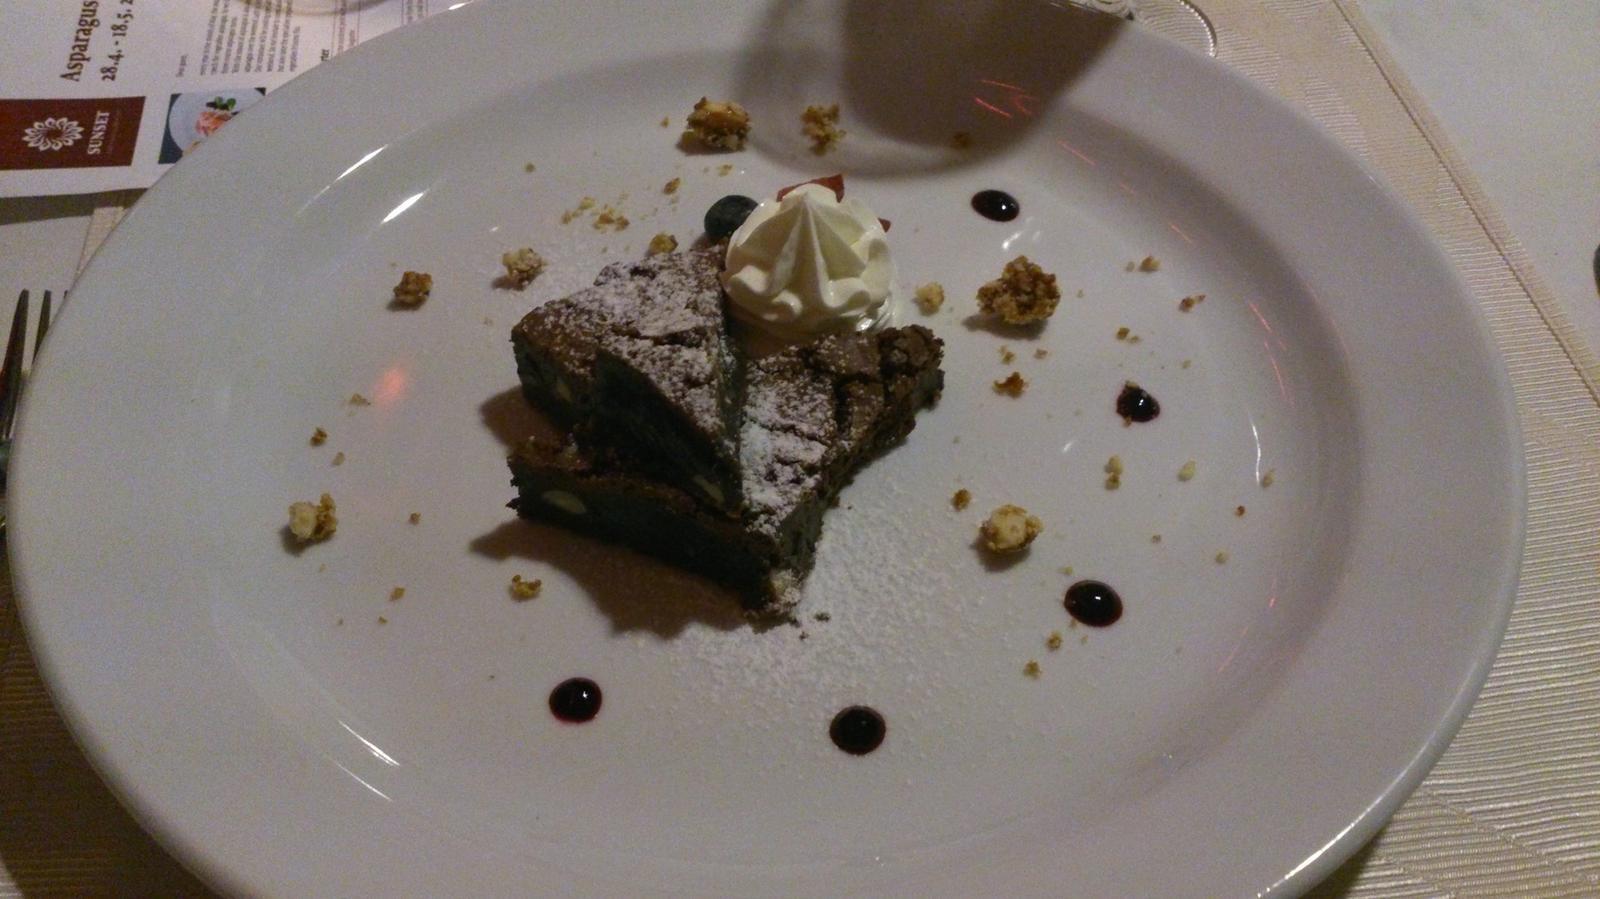 Degustační požitek - Čokoládové brownies s nočkem limetového crème fraîche, borůvkovým želé a griliášovými mandlemi (bezlepkové)